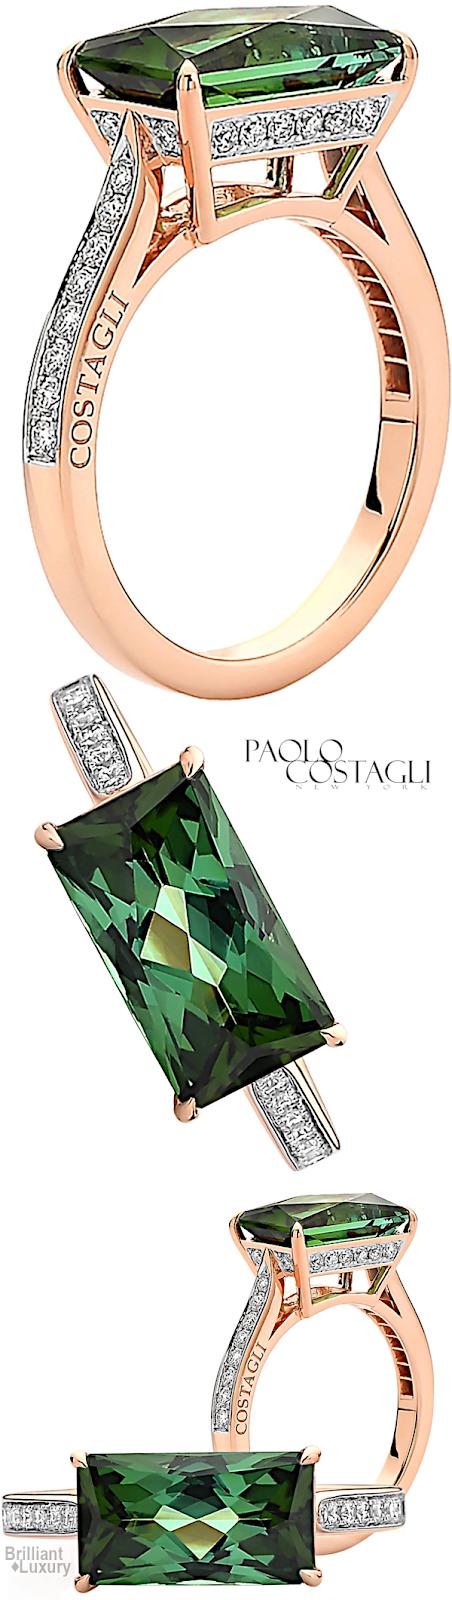 Brilliant Luxury♦Paolo Costagli Green Tourmaline And Diamond Ring